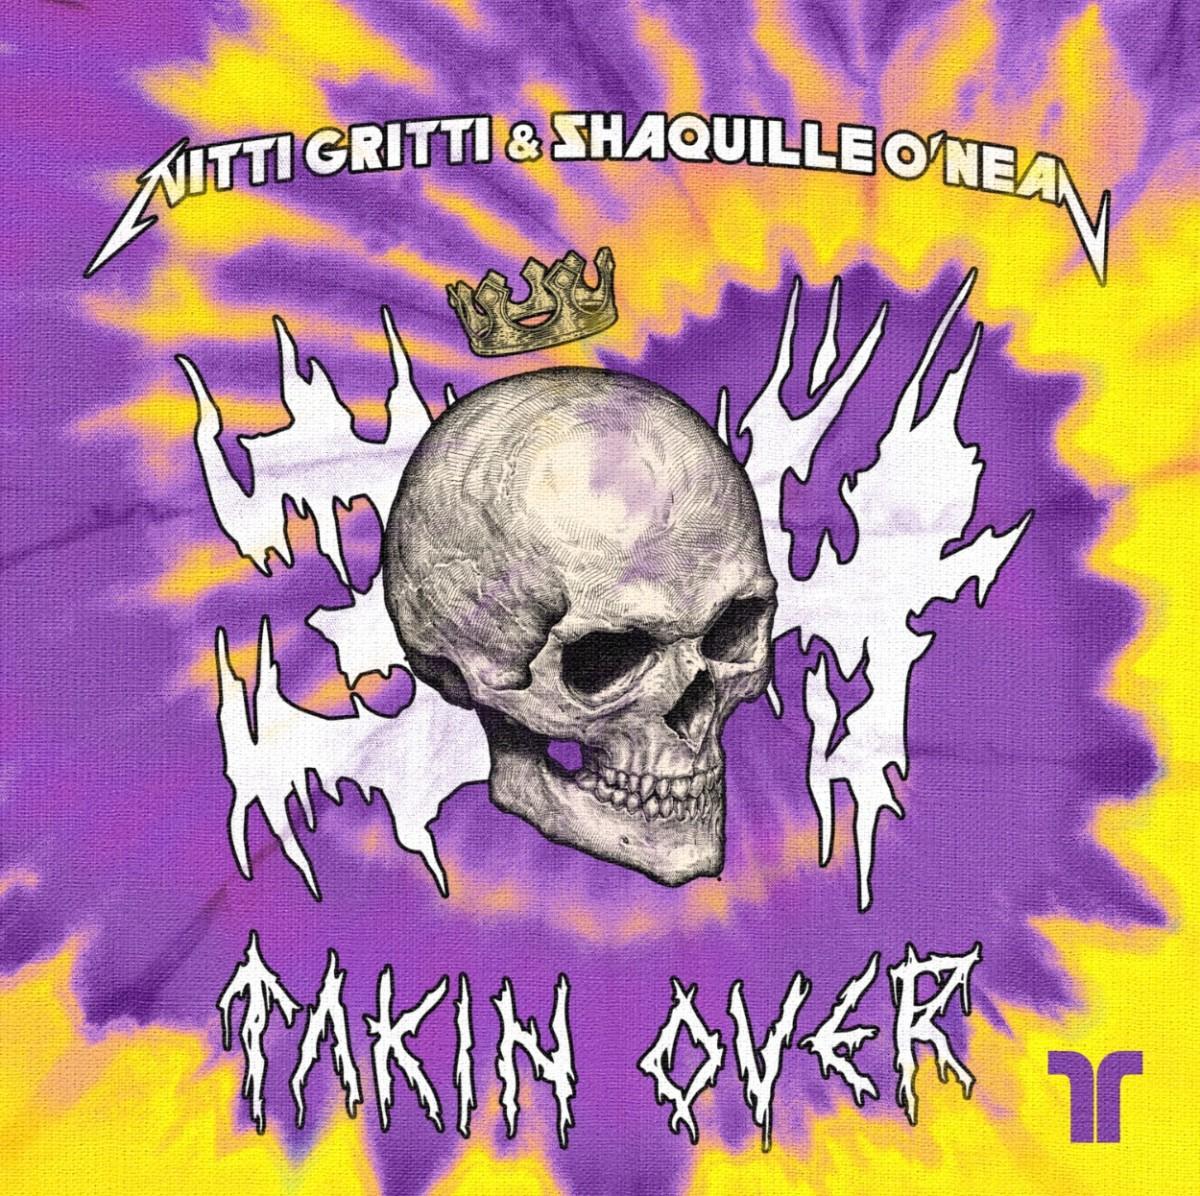 Nitti Gritti & Shaquille O'Neal - Takin' Over Artwork